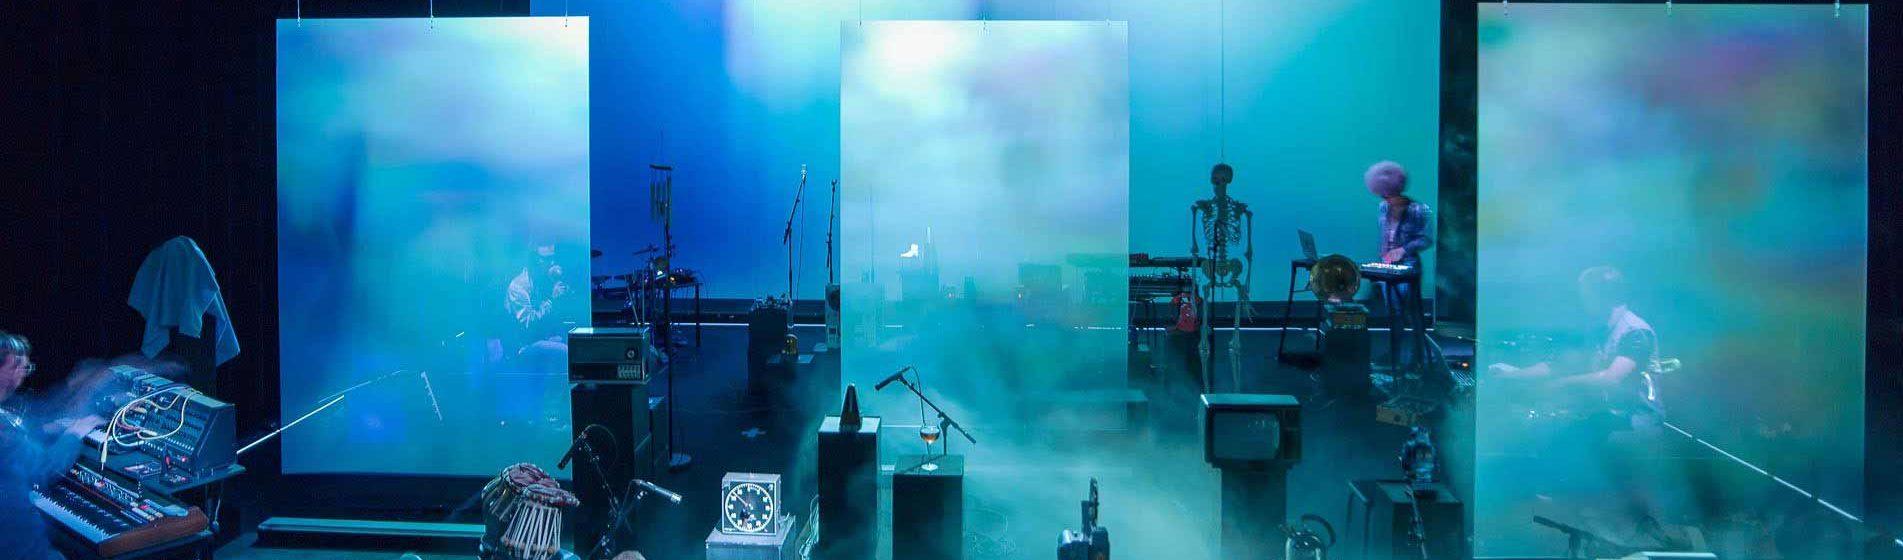 clearview projection film pulp noir